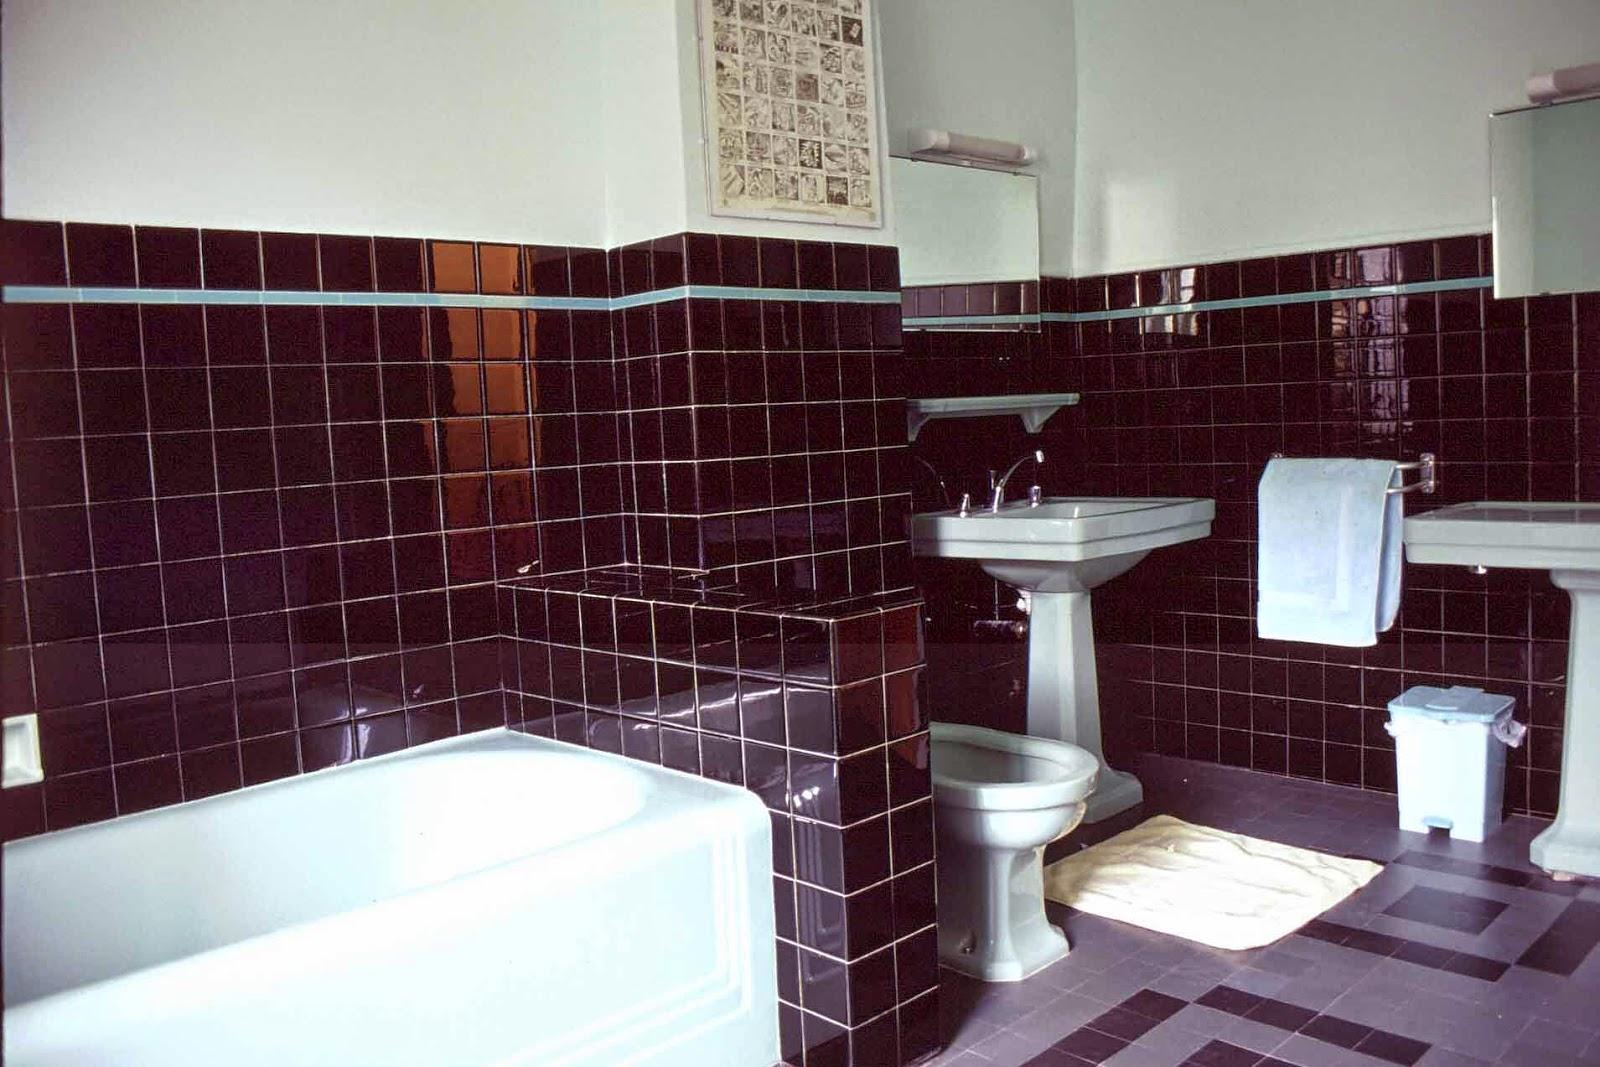 Le mannequin qui a quitt chanel pour une vie de pri re - Nettoyer une salle de bain ...